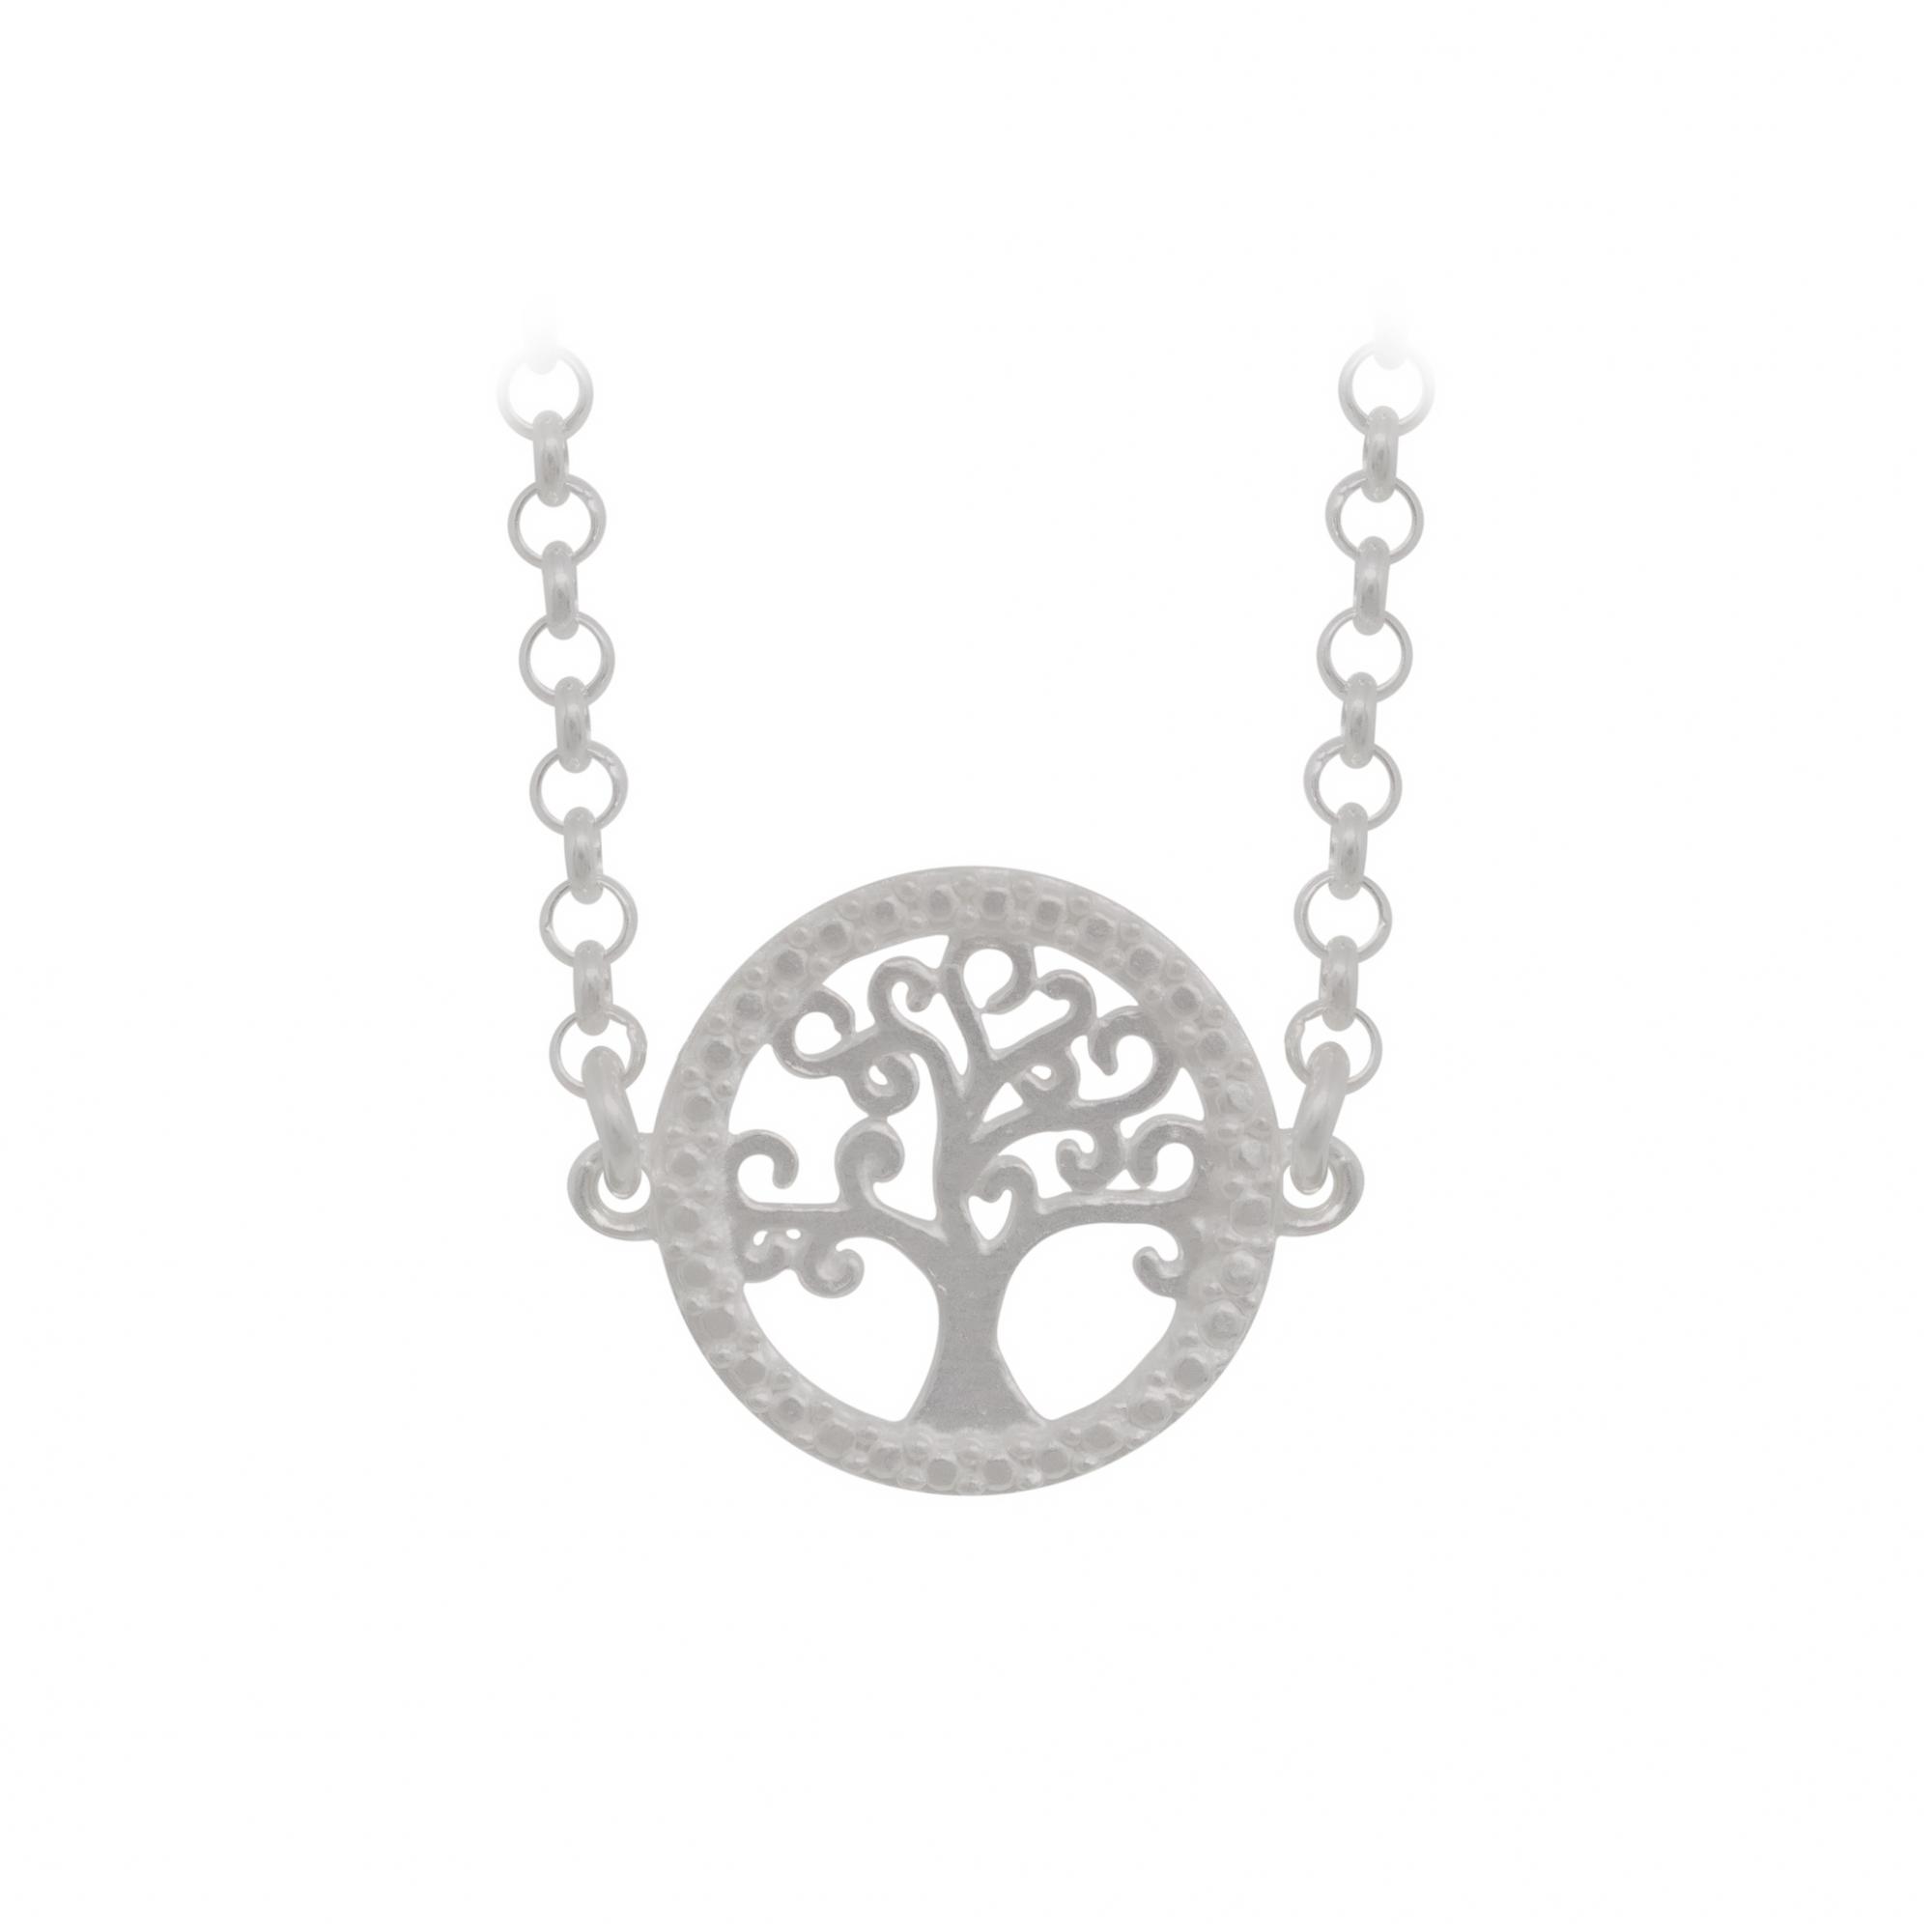 Pulseira joia em prata 925 pura Árvore da Vida em zircônia